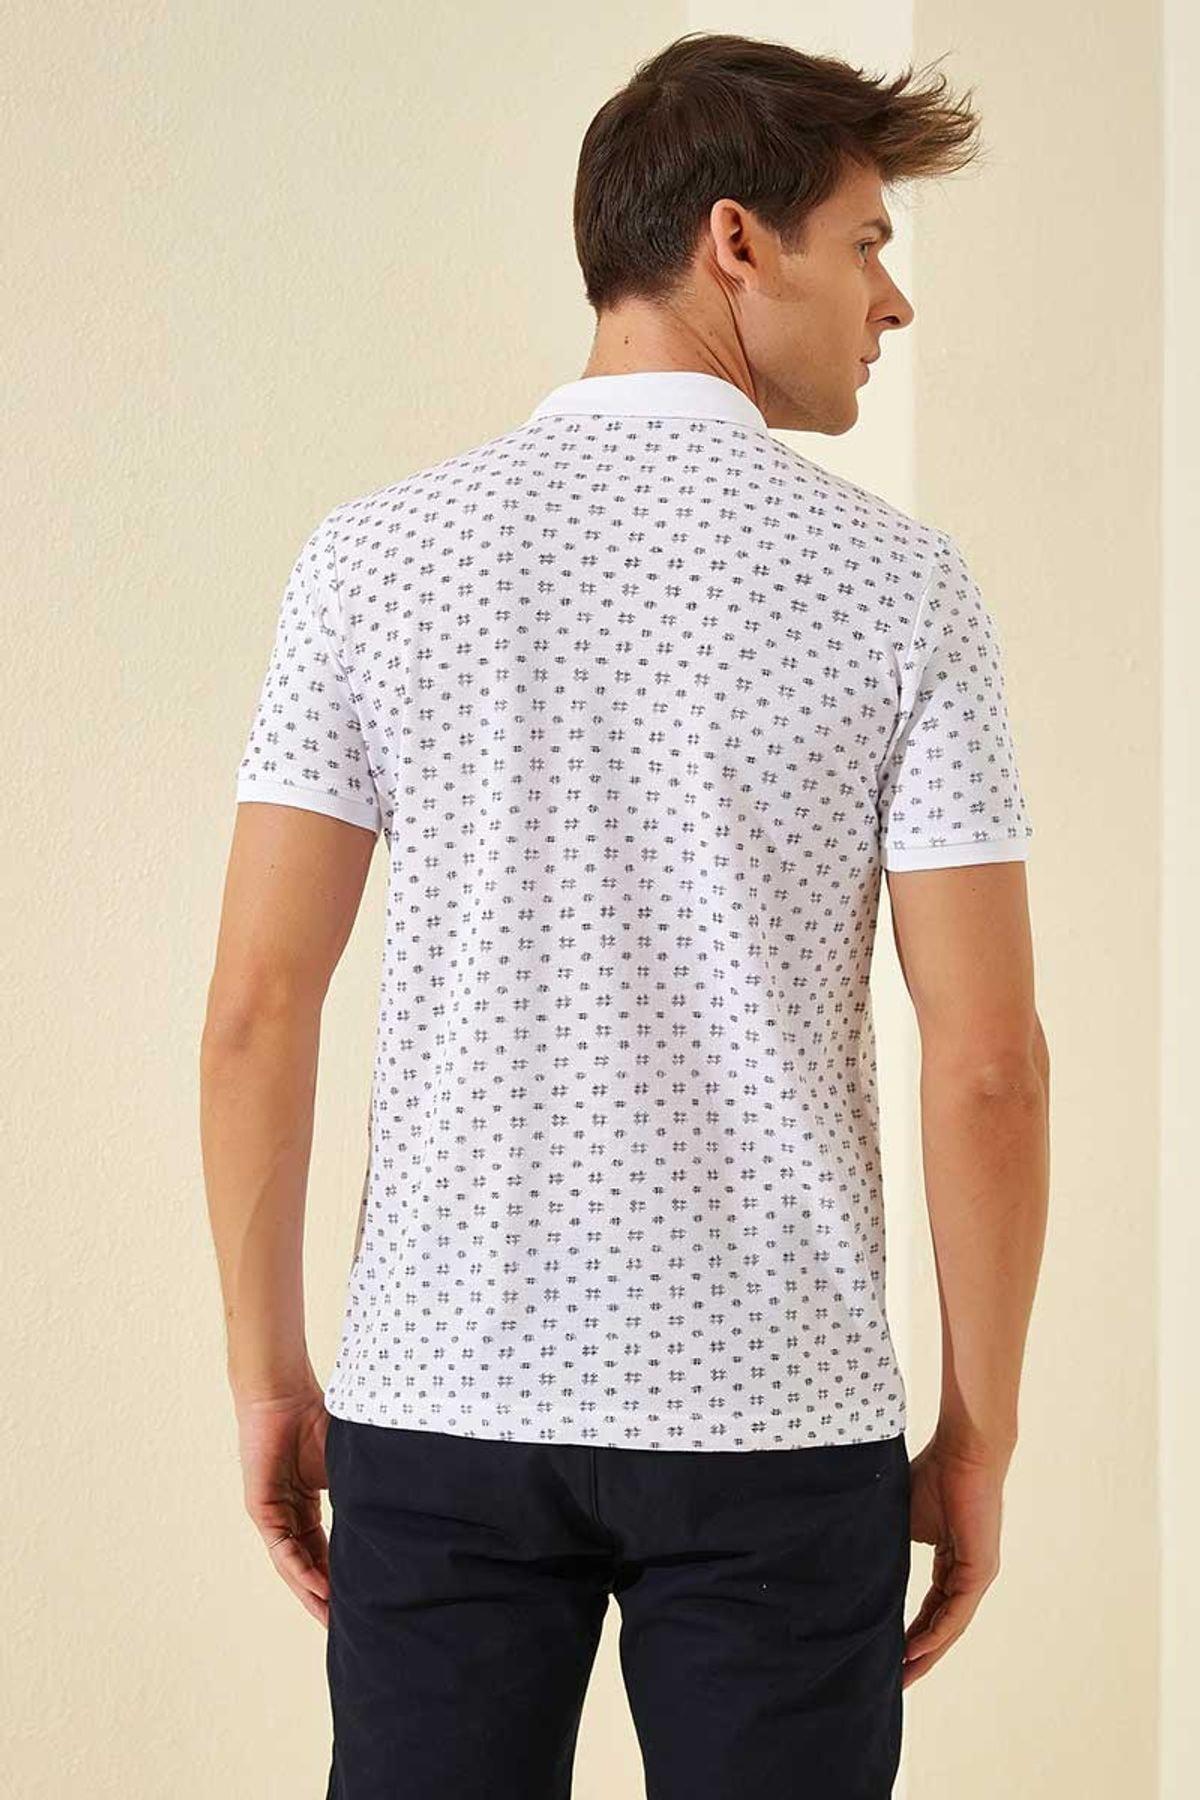 Tommy Life Klasik Desenli Polo Yaka Beyaz-Lacivert Erkek Tshirt T08ER-87795_1 2